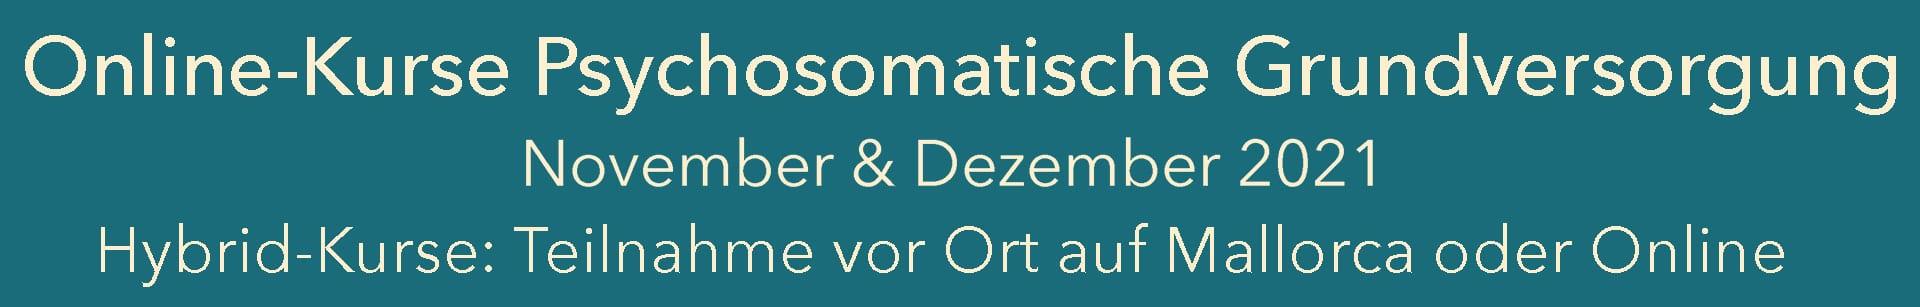 online Kurse psychosomatische Grundversorgung